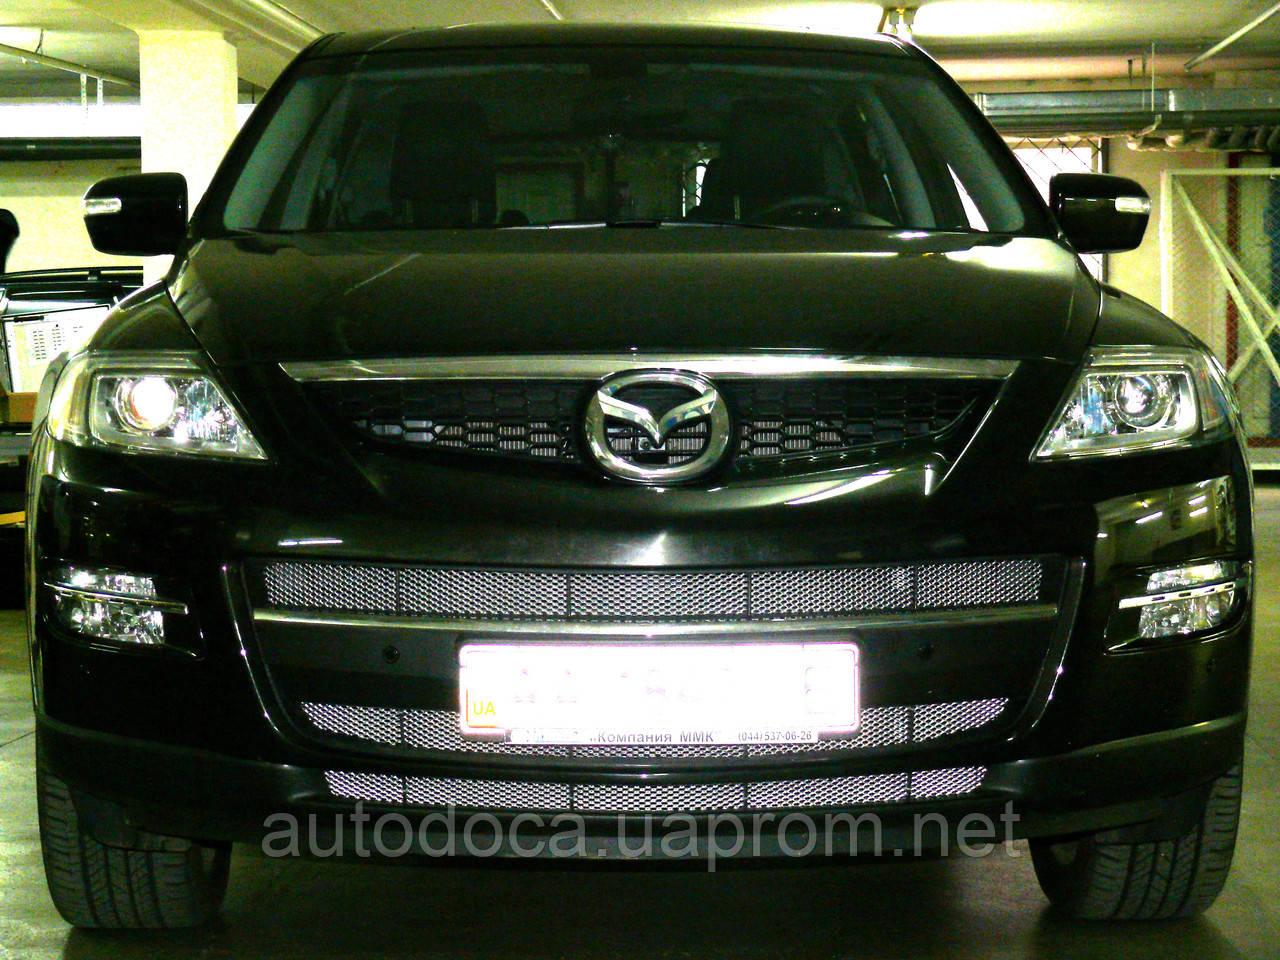 Декоративно-захисна сітка радіатора Mazda CX9 бампер